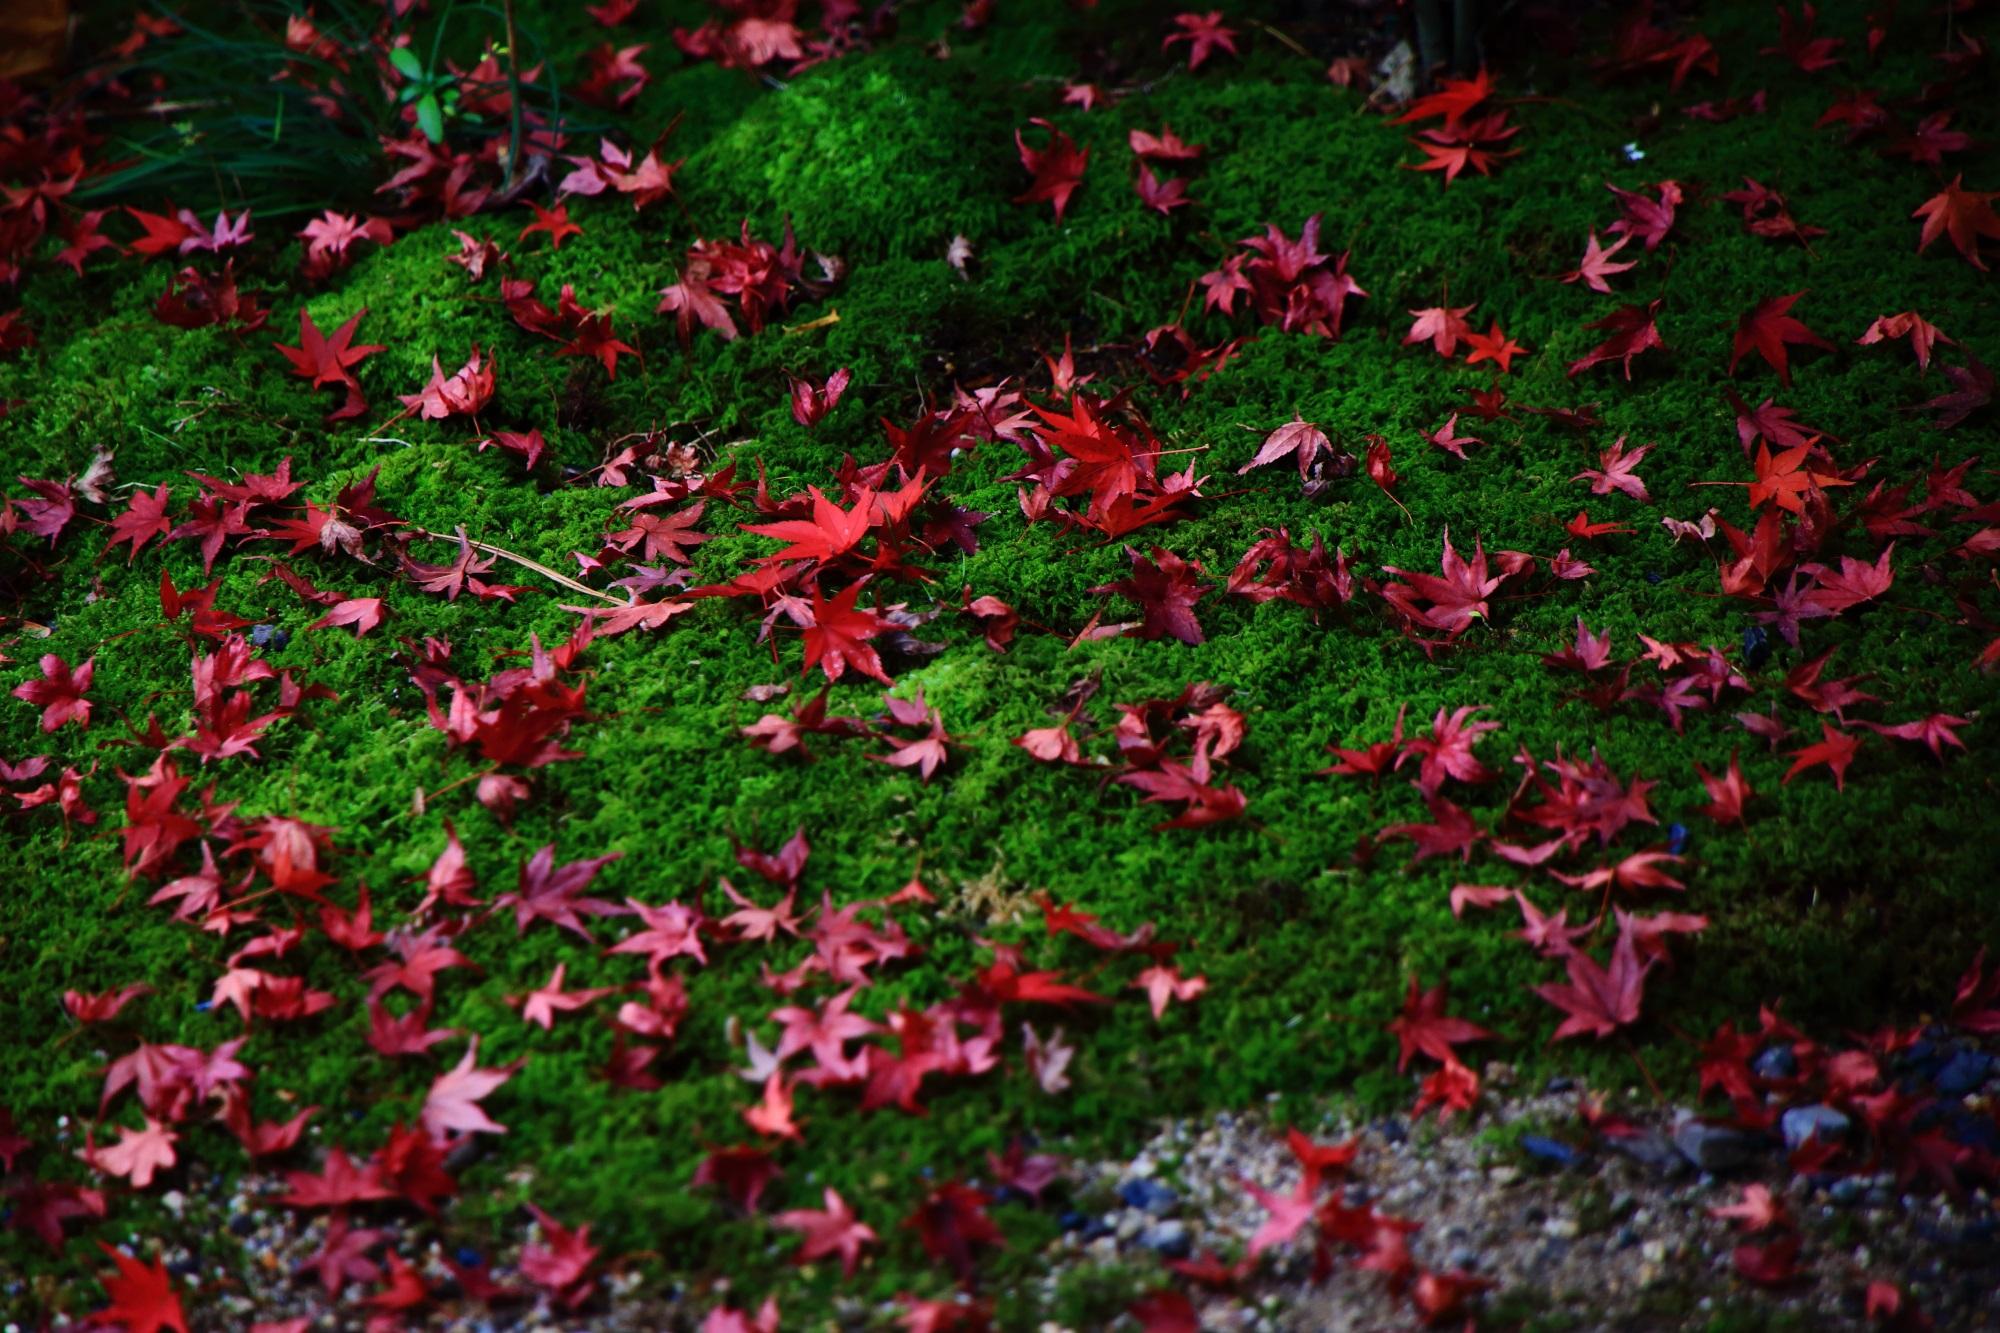 廬山寺の中庭の優美な散りもみじと緑の苔